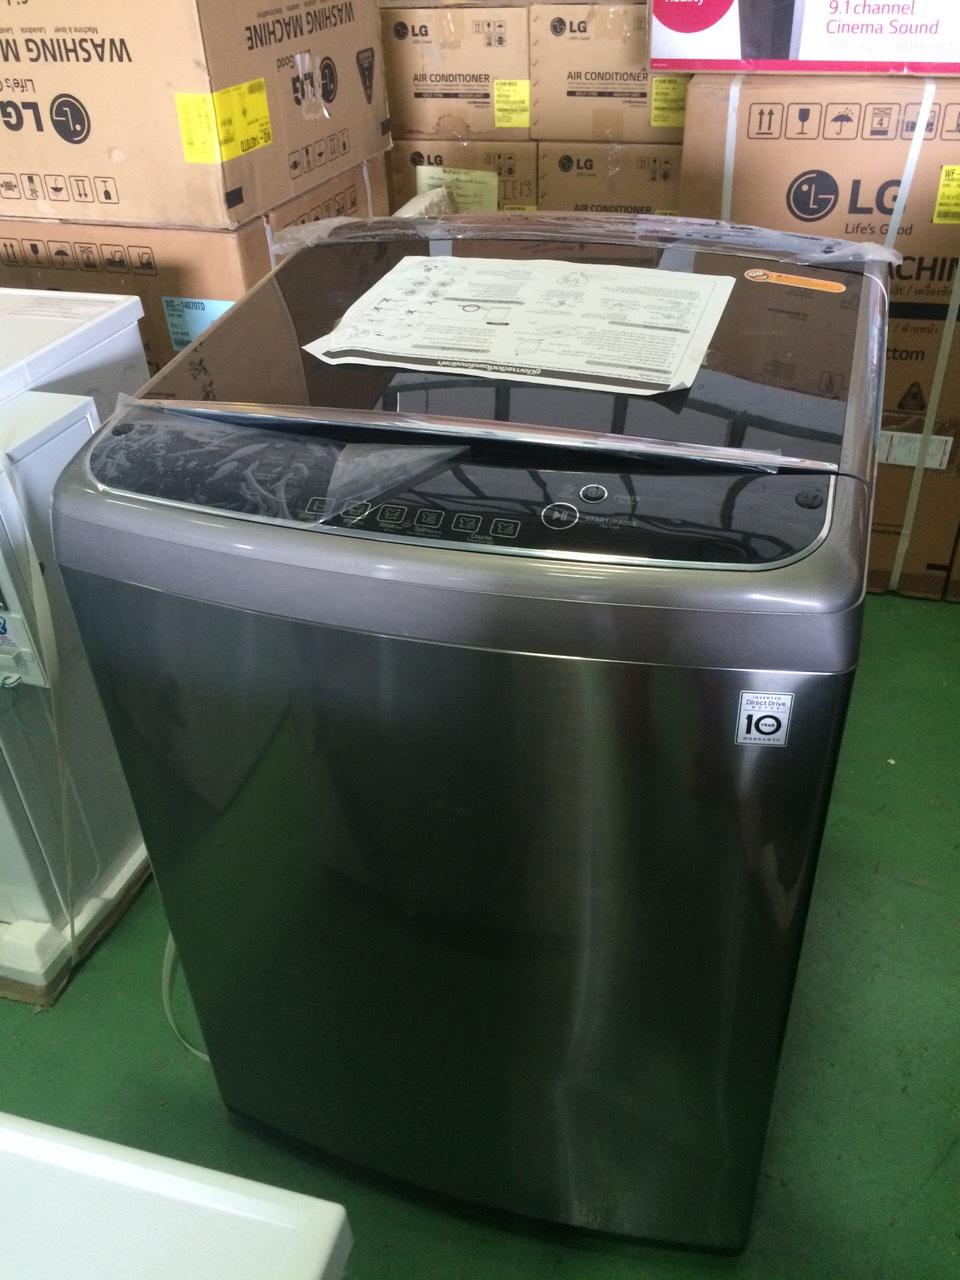 เครื่องซักผ้าฝาบน ระบบ 6 MOTION INVERTER DIRECT DRIVE ขนาดซัก 20 KG LG SAPIENCE WT-S2085TH (ของใหม่ประกันศูนย์)